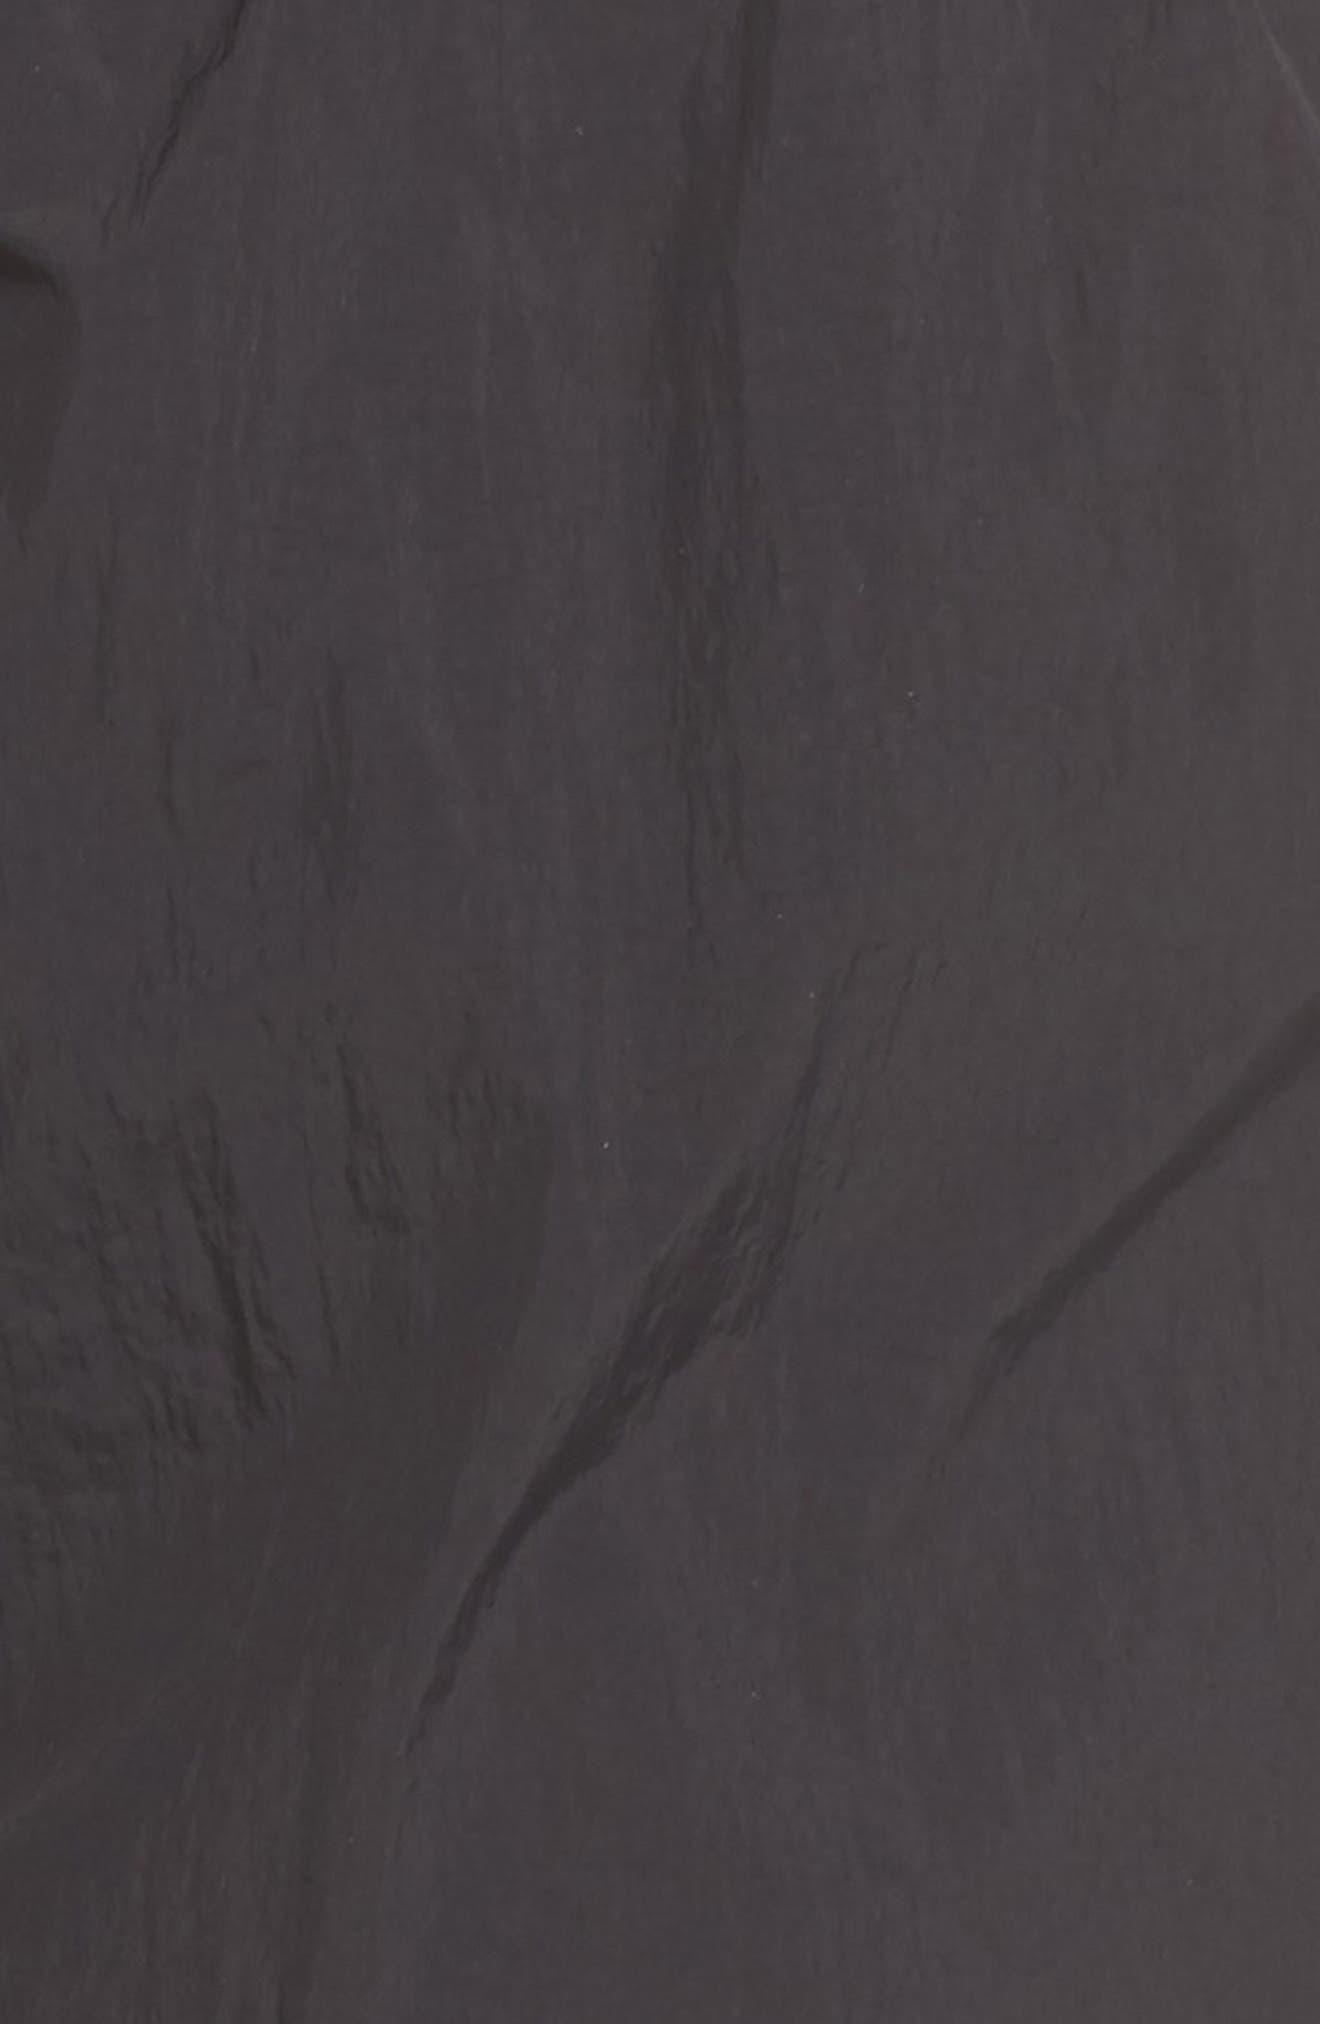 Fuji Shorts,                             Alternate thumbnail 6, color,                             001